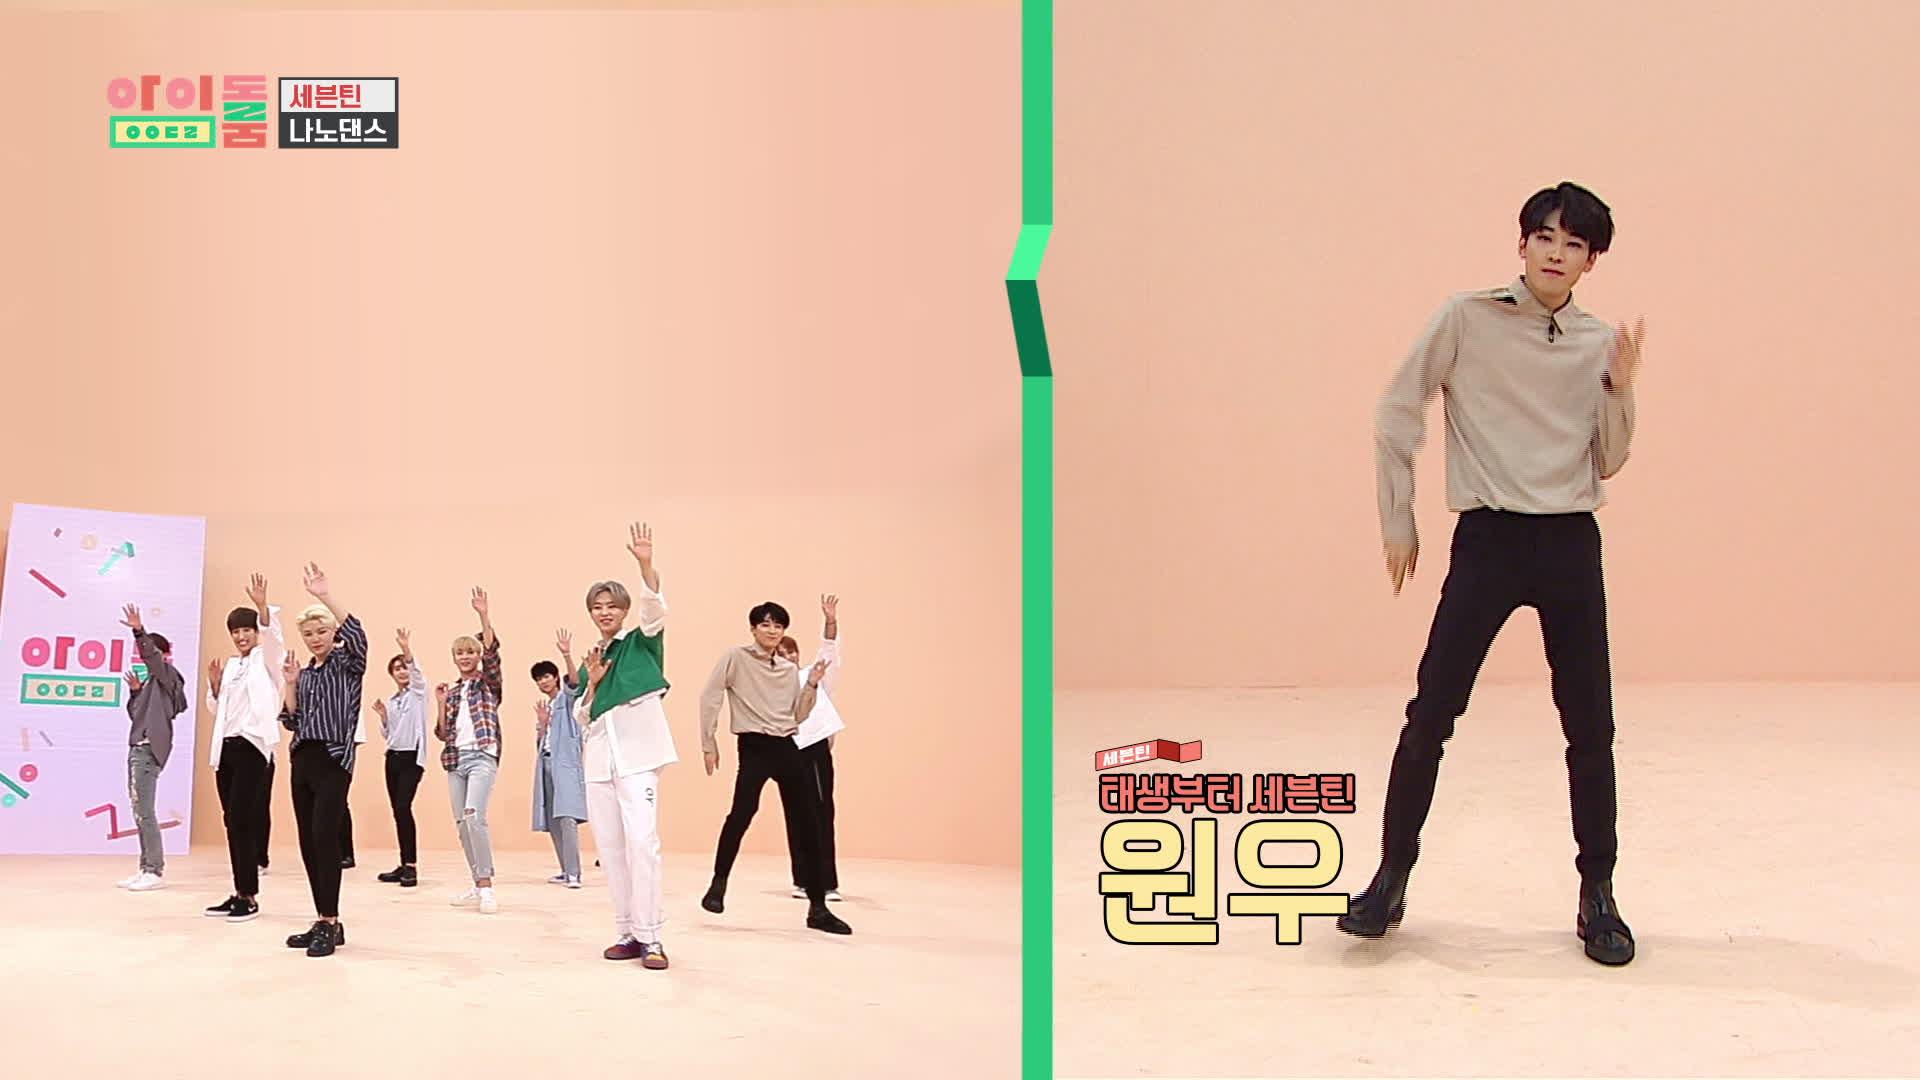 아이돌룸(IDOL ROOM) 11회 - TV 최초공개! 세븐틴 신곡 '어쩌나' 킬링파트 나노댄스♬